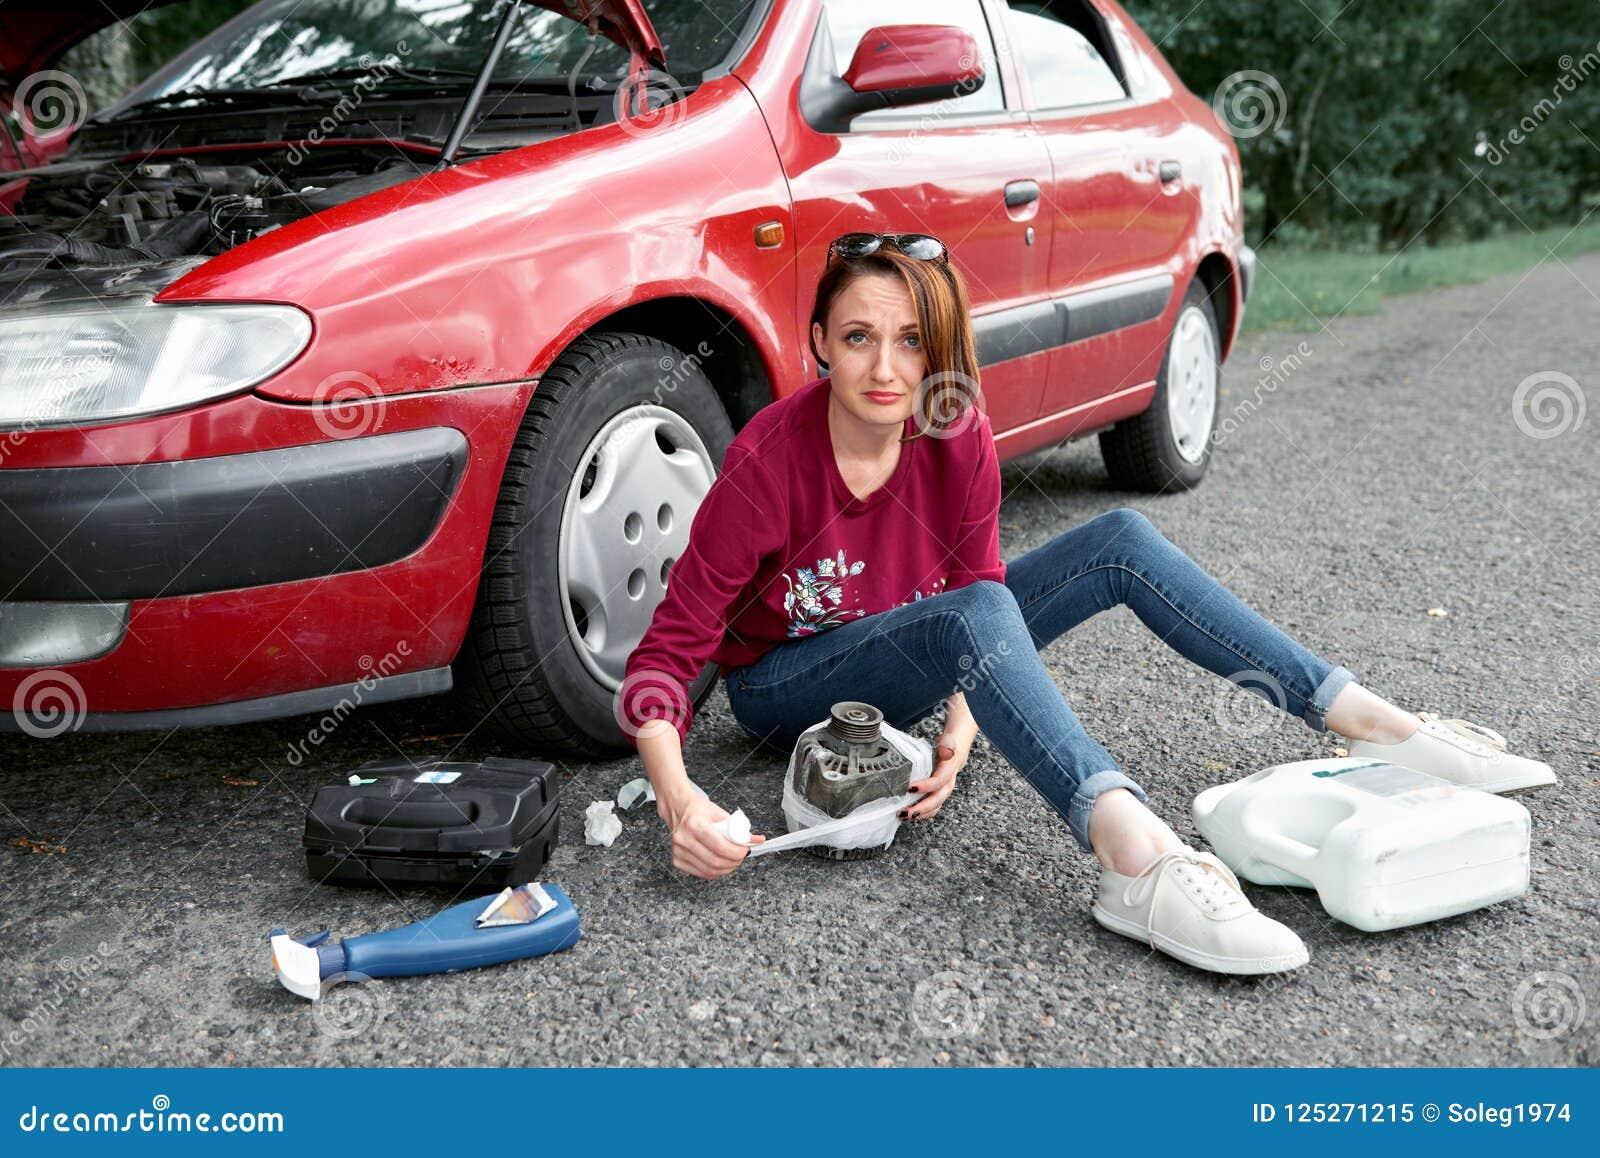 Ένα νέο κορίτσι κάθεται κοντά σε ένα σπασμένο αυτοκίνητο και κάνει τις επισκευές στην ηλεκτρική γεννήτρια, δίπλα σε την υπάρχουν